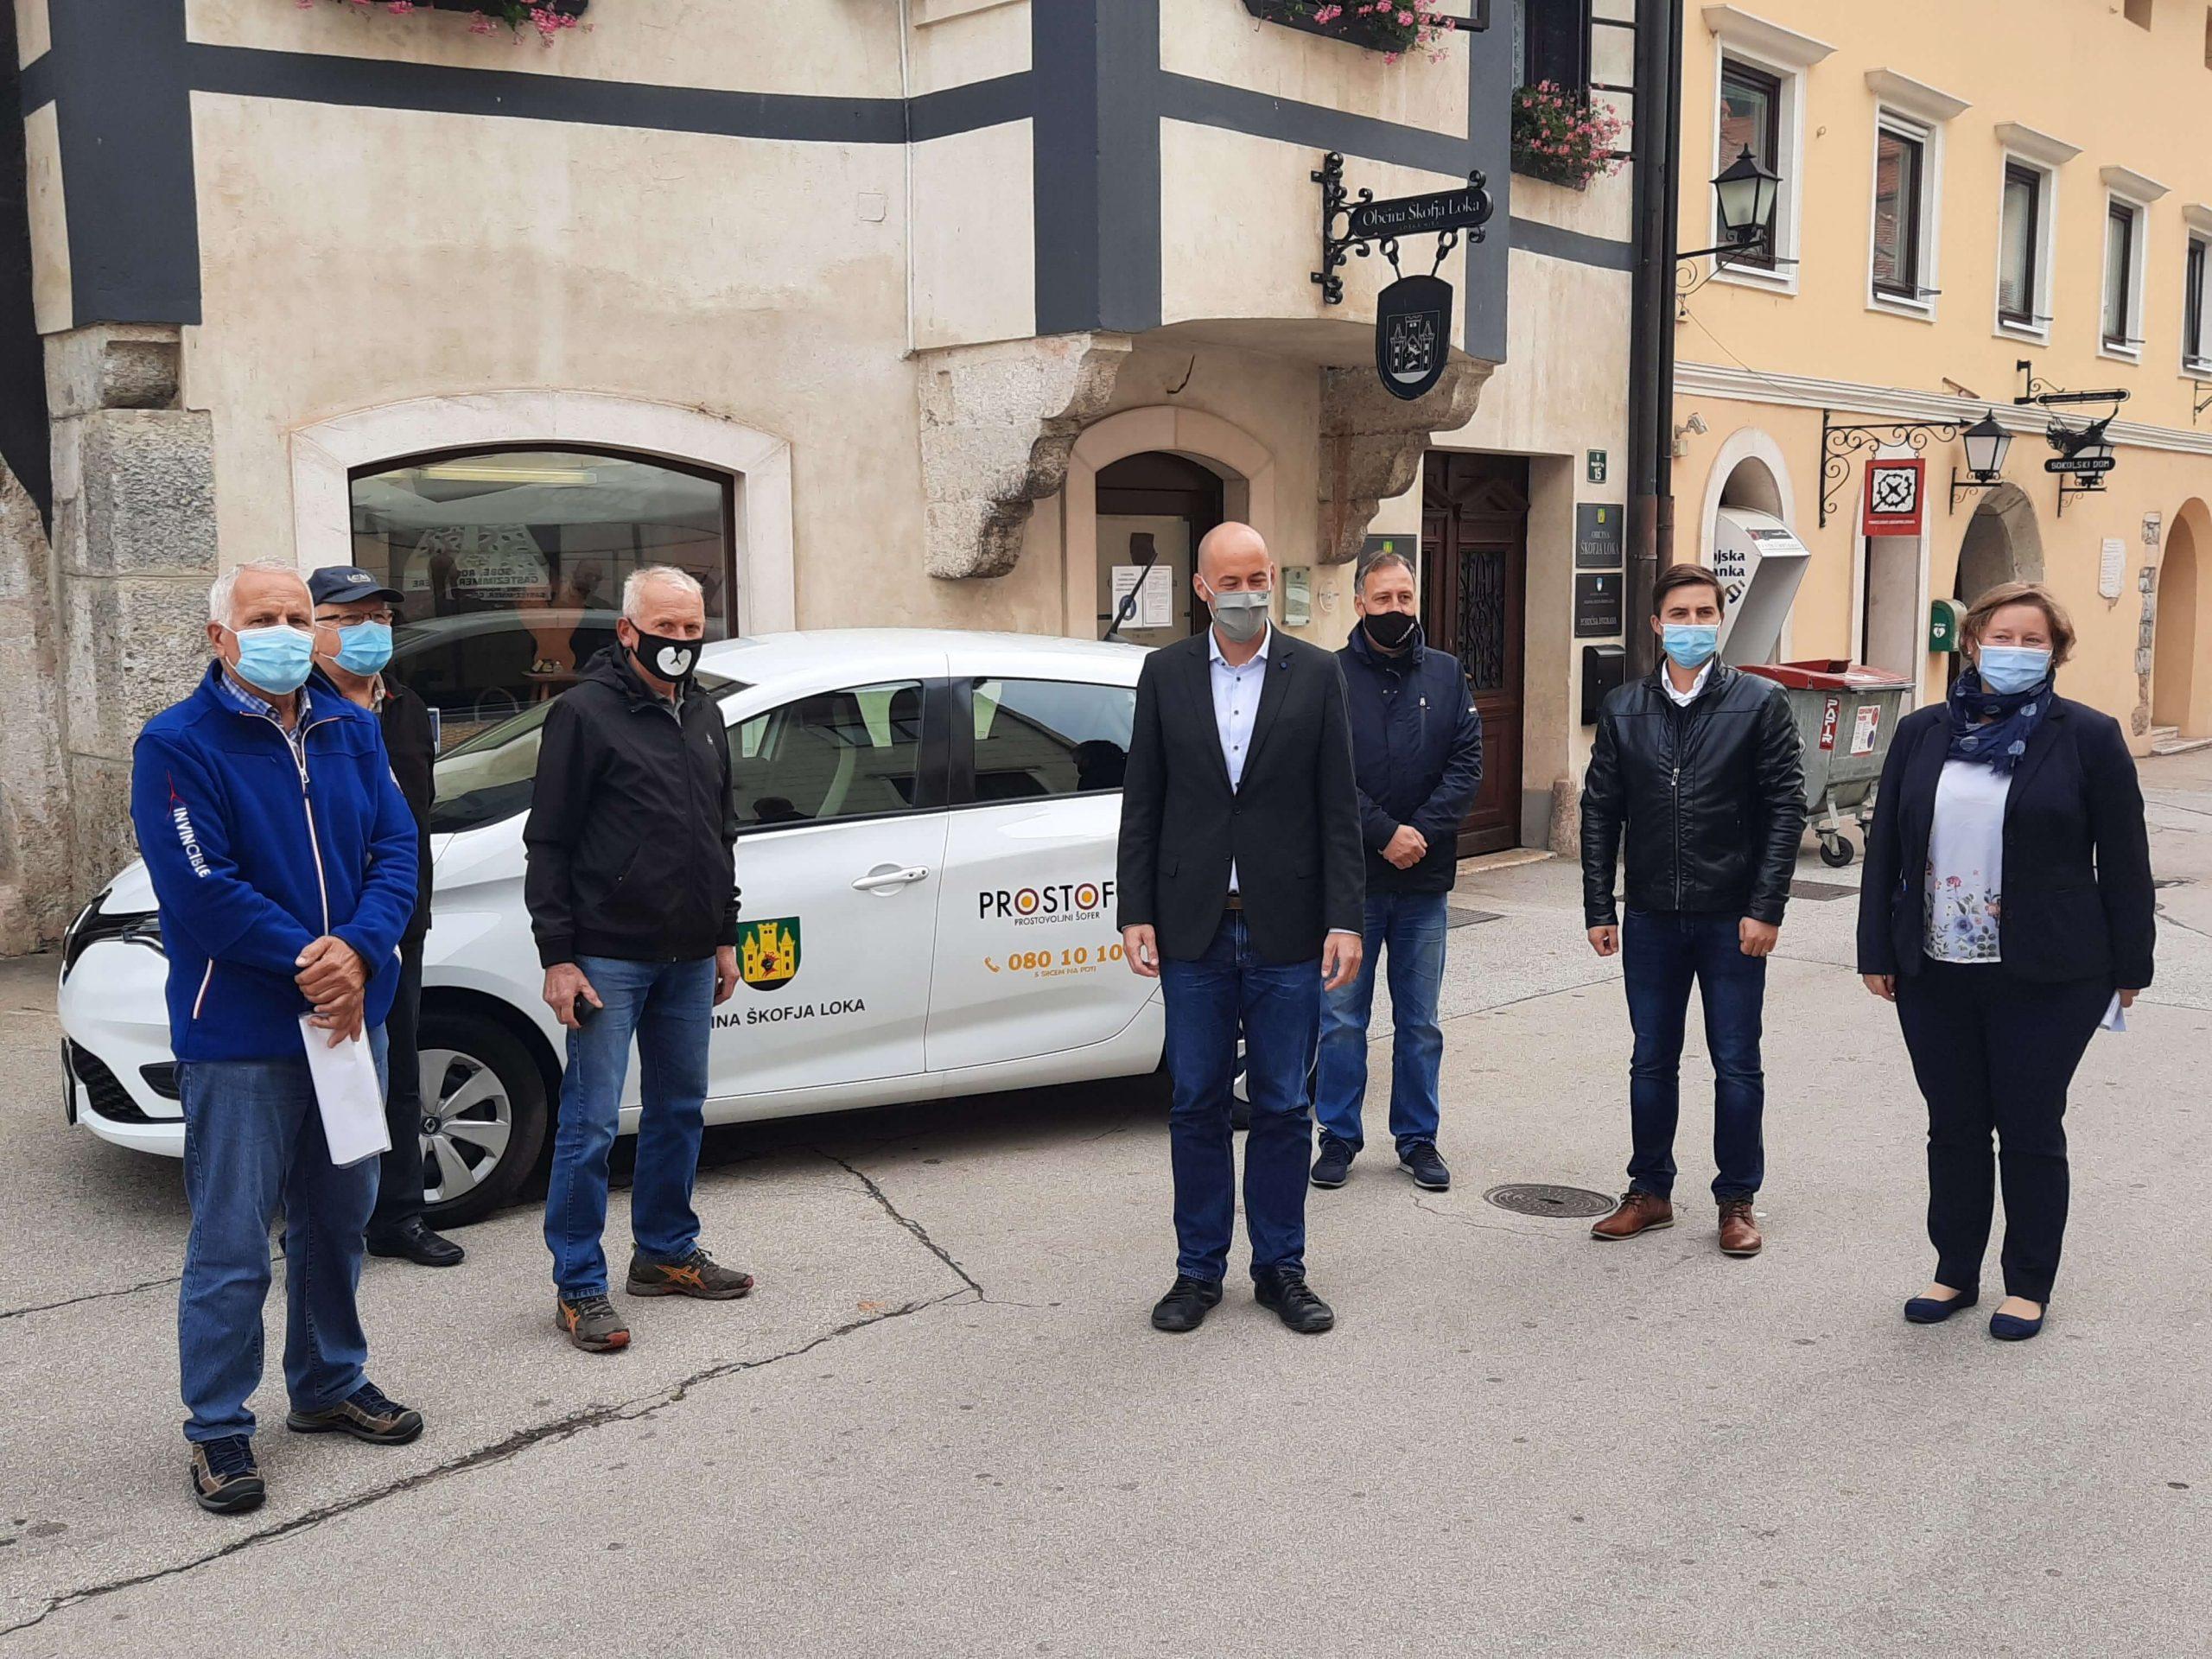 27 slovenskih občin z brezplačnim in okolju prijaznim prevozom za starejše